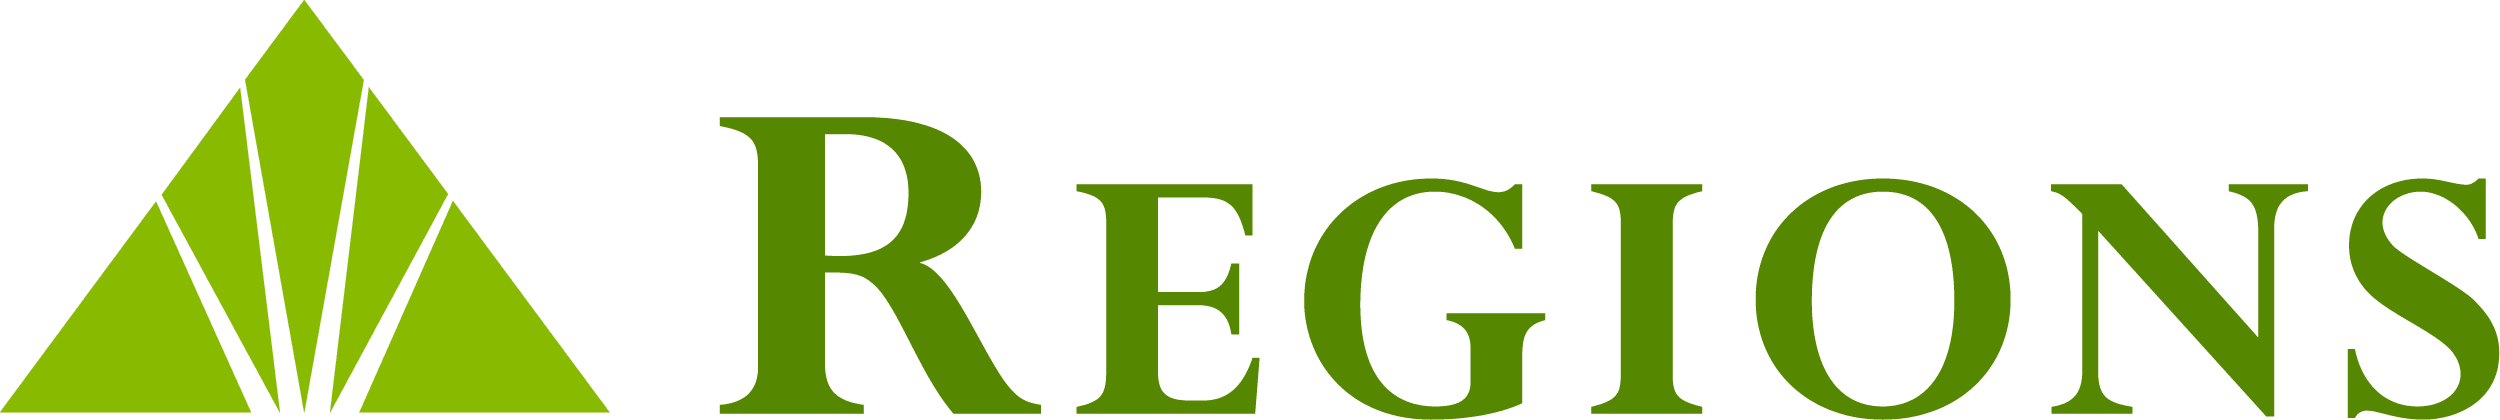 Regions company logo